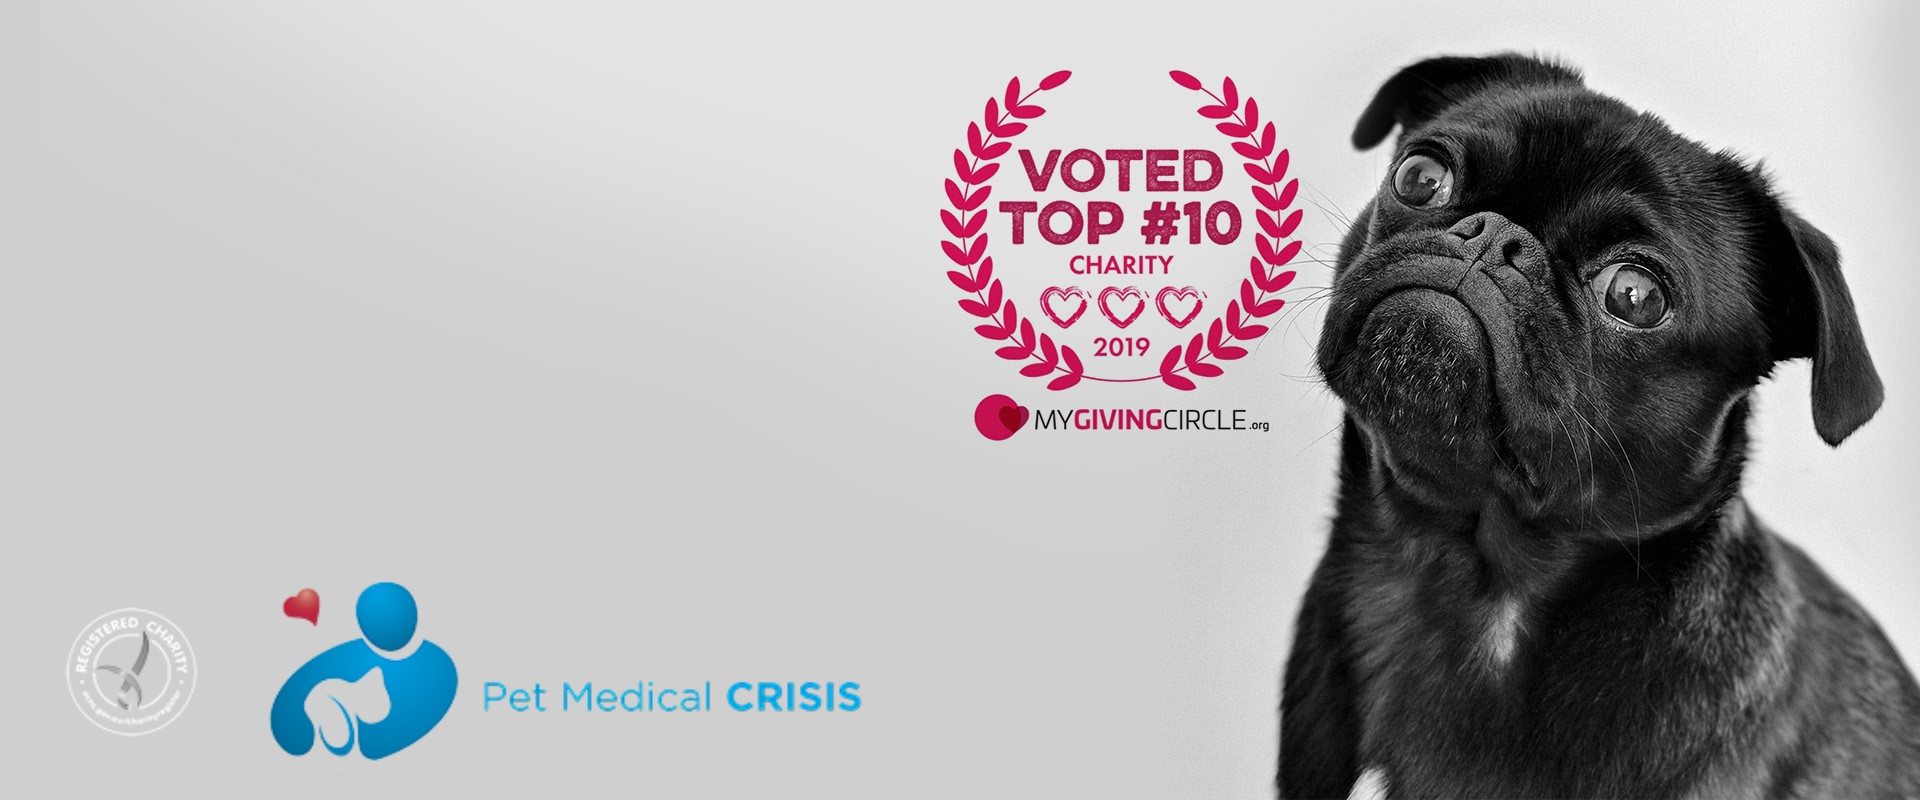 Pet Medical Crisis